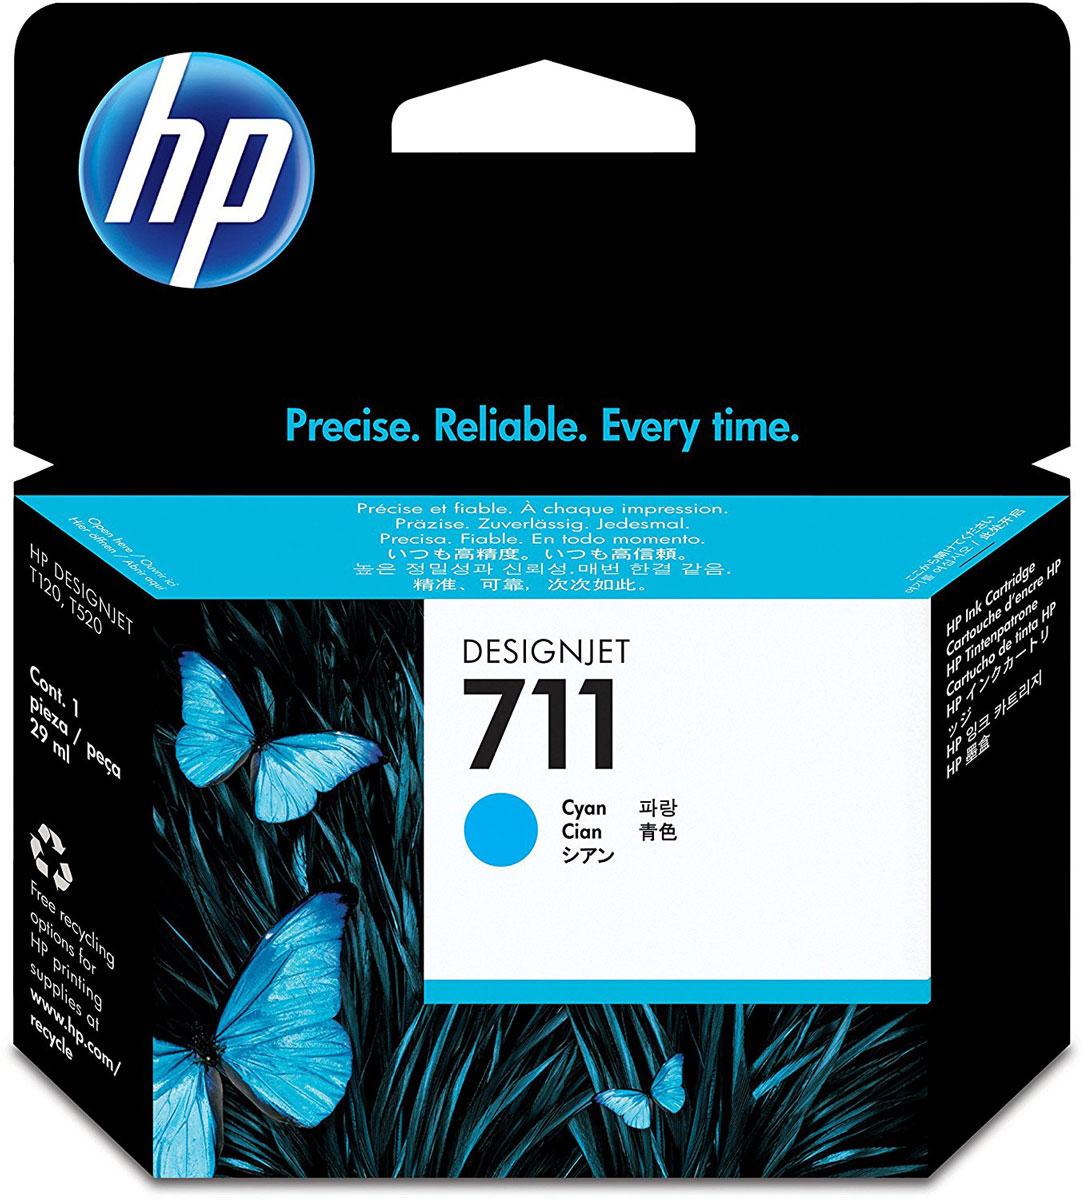 HP CZ130A (711), Cyan картридж для T120/T520CZ130AКартридж HP 711 емкостью 29 мл с голубыми чернилами обеспечивает великолепную печать. Насыщенный цвет и четкие линии в сочетании с быстрым высыханием и стойкостью фотографий к смазыванию. Оригинальные чернила HP разработаны и протестированы вместе с принтерами для обеспечения стабильных результатов.Пробы и ошибки отнимают время. Для получения качества, достойного вас, используйте оригинальные расходные материалы HP, которые в сочетании с принтером работают как оптимизированная система печати для обеспечения точных линий, четких деталей и богатой цветовой гаммы.Представьте, какое влияние вы сможете оказать на своих слушателей, если в вашем арсенале будут четкие и легкочитаемые чертежи и цветные презентации. Оригинальные чернила HP — это уникальная комбинация качества и надежности; чернила HP — это четкость линий, быстрое высыхание и стойкость к смазыванию.